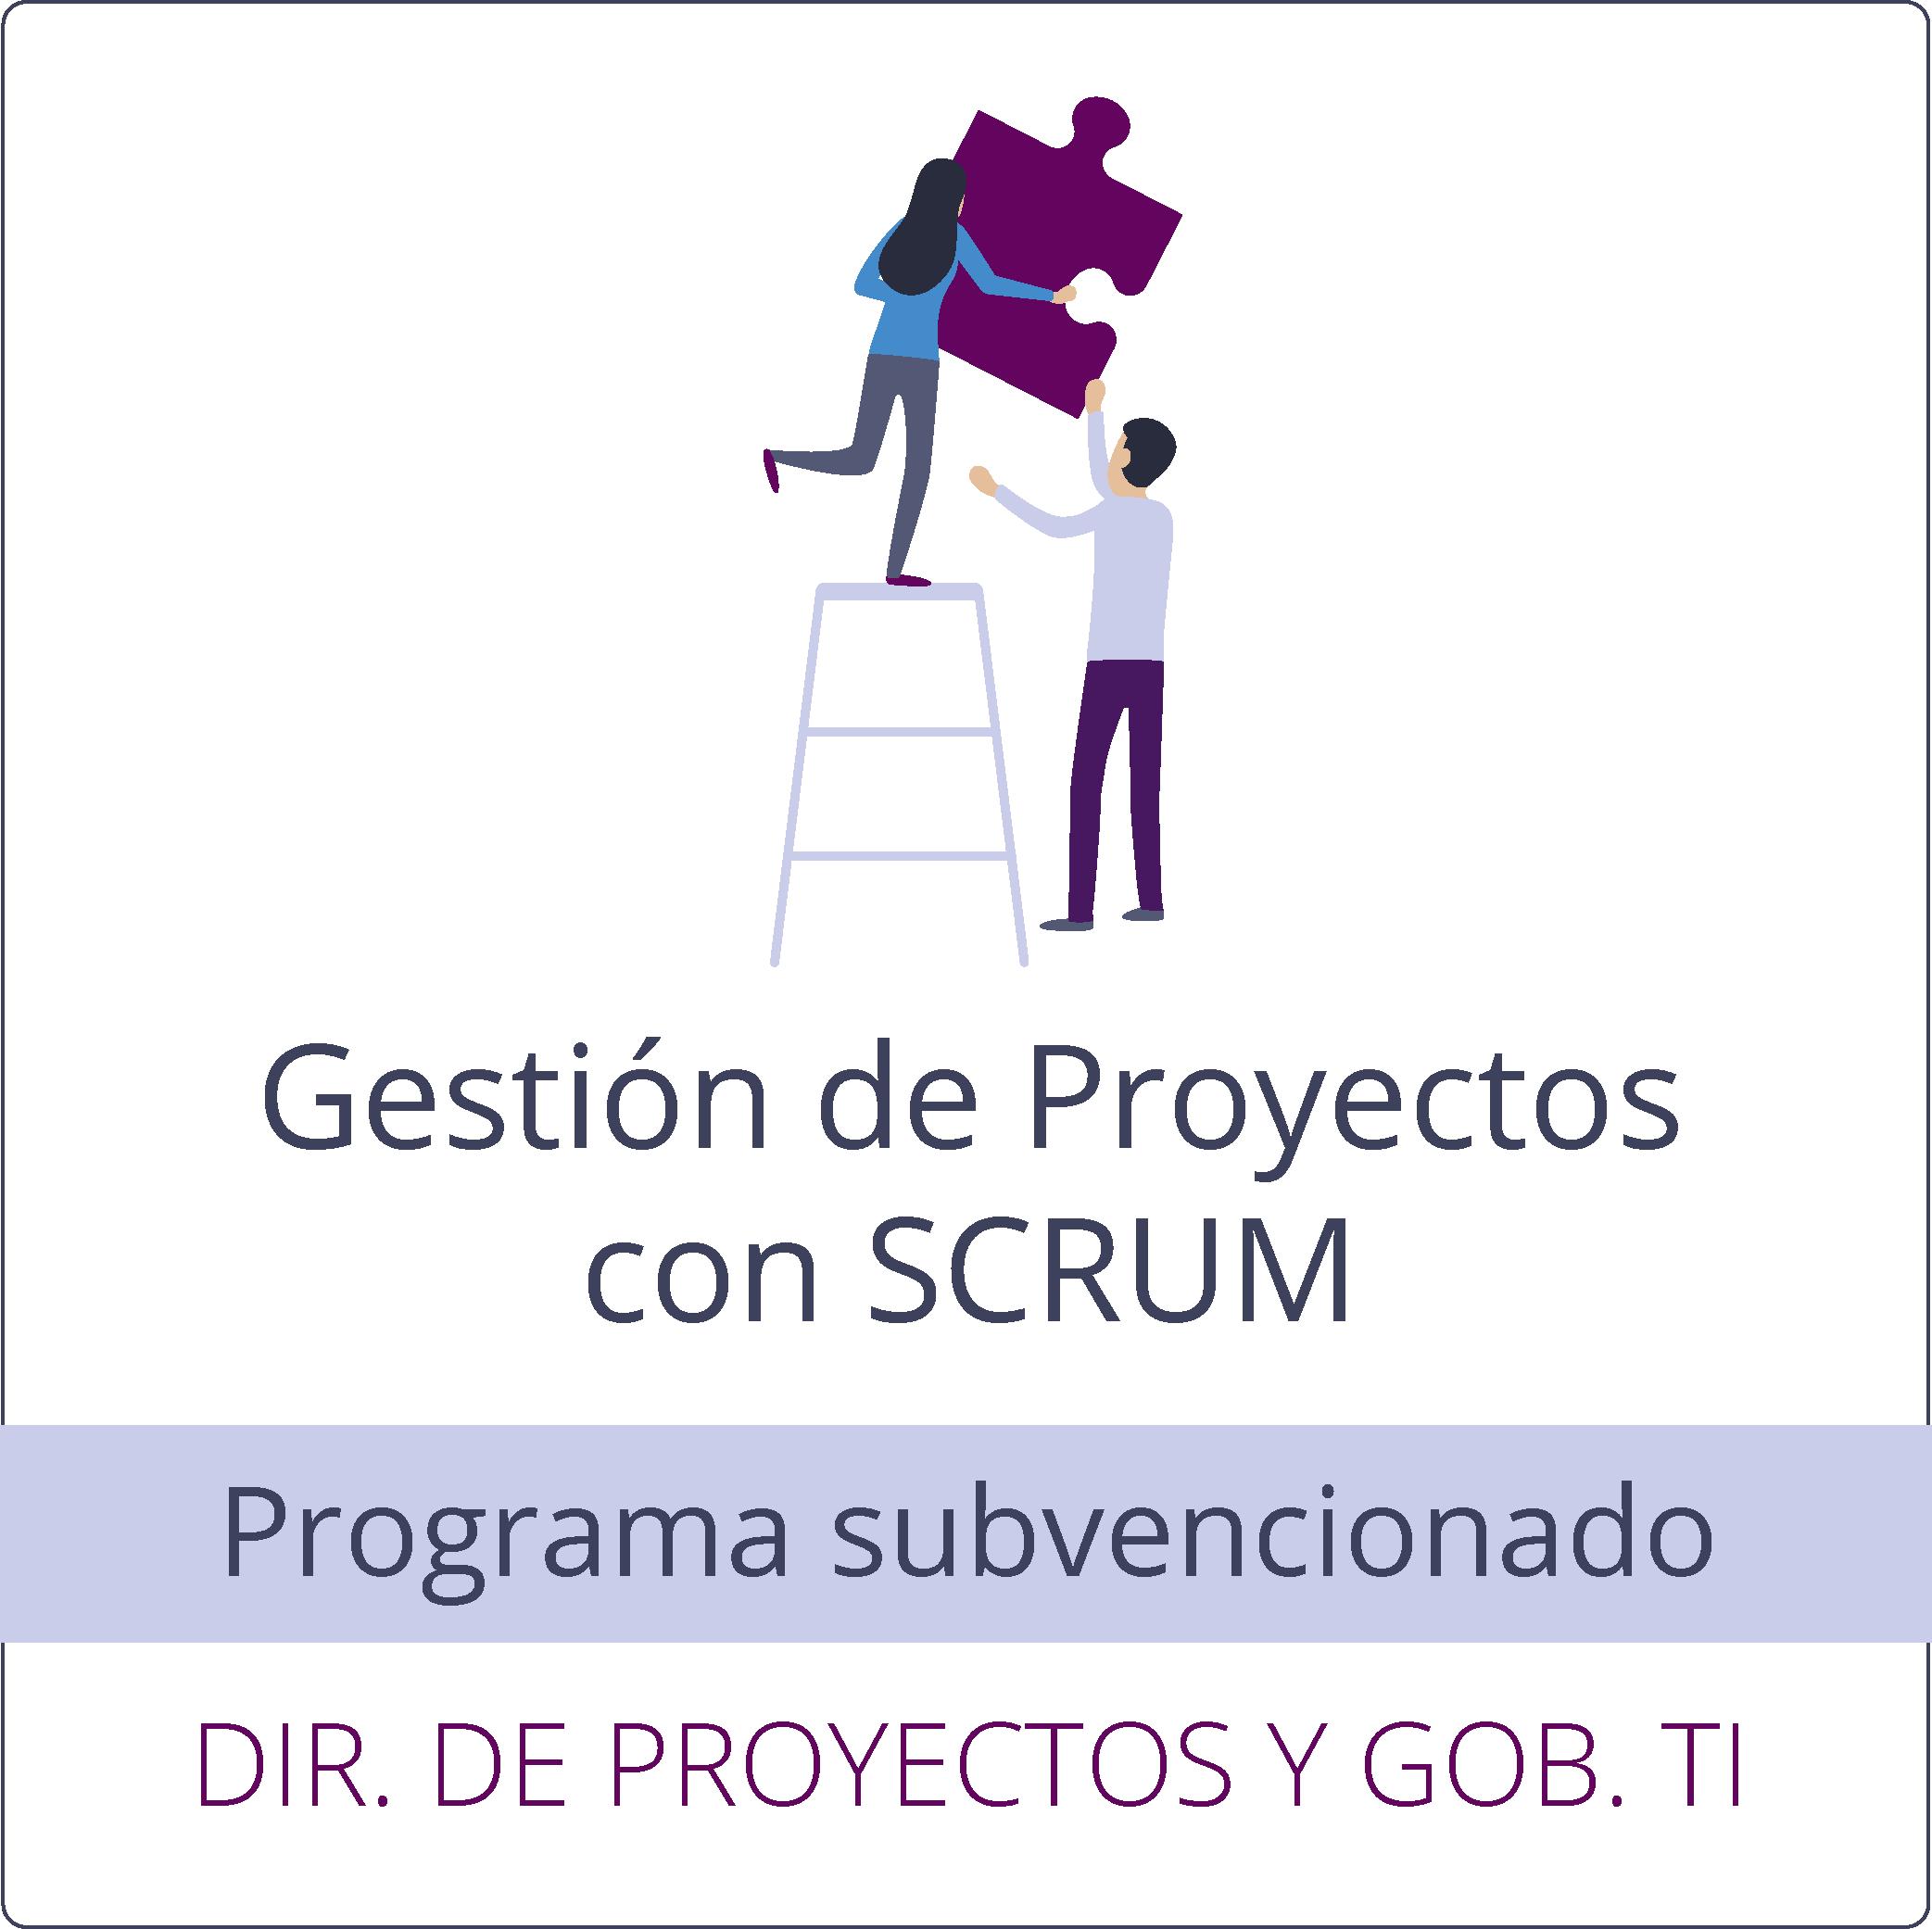 Gestión de Proyectos con SCRUM y el marco de la Agilidad (gratuito)